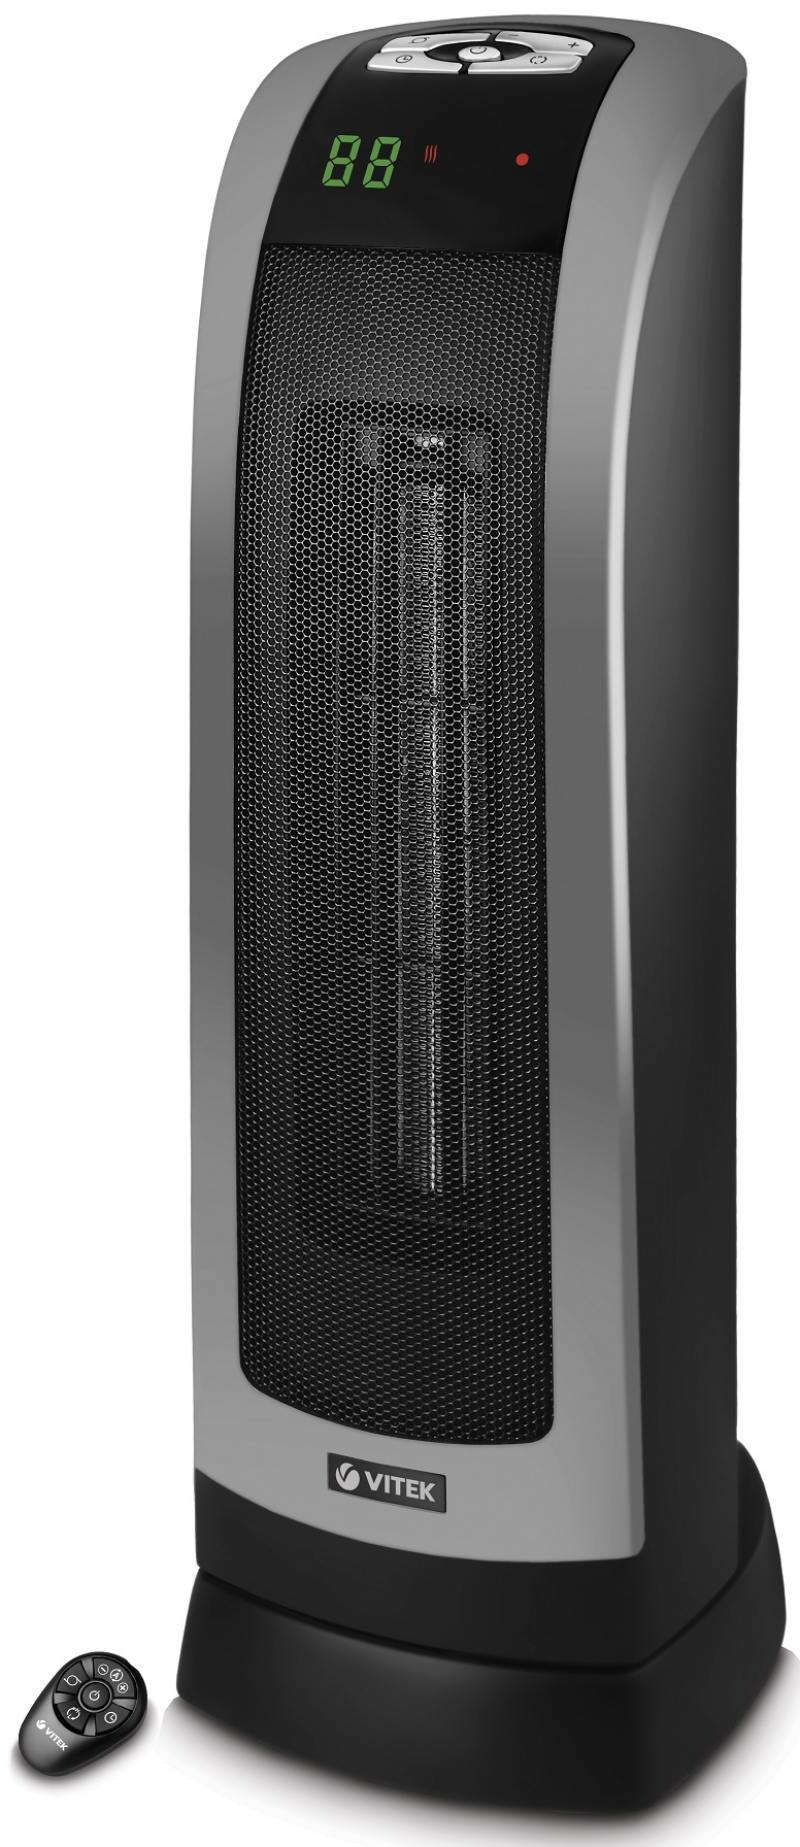 Тепловентилятор Vitek VT-2134 BK 2000 Вт чёрный выпрямитель волос vitek vt 8402 bk 35вт чёрный